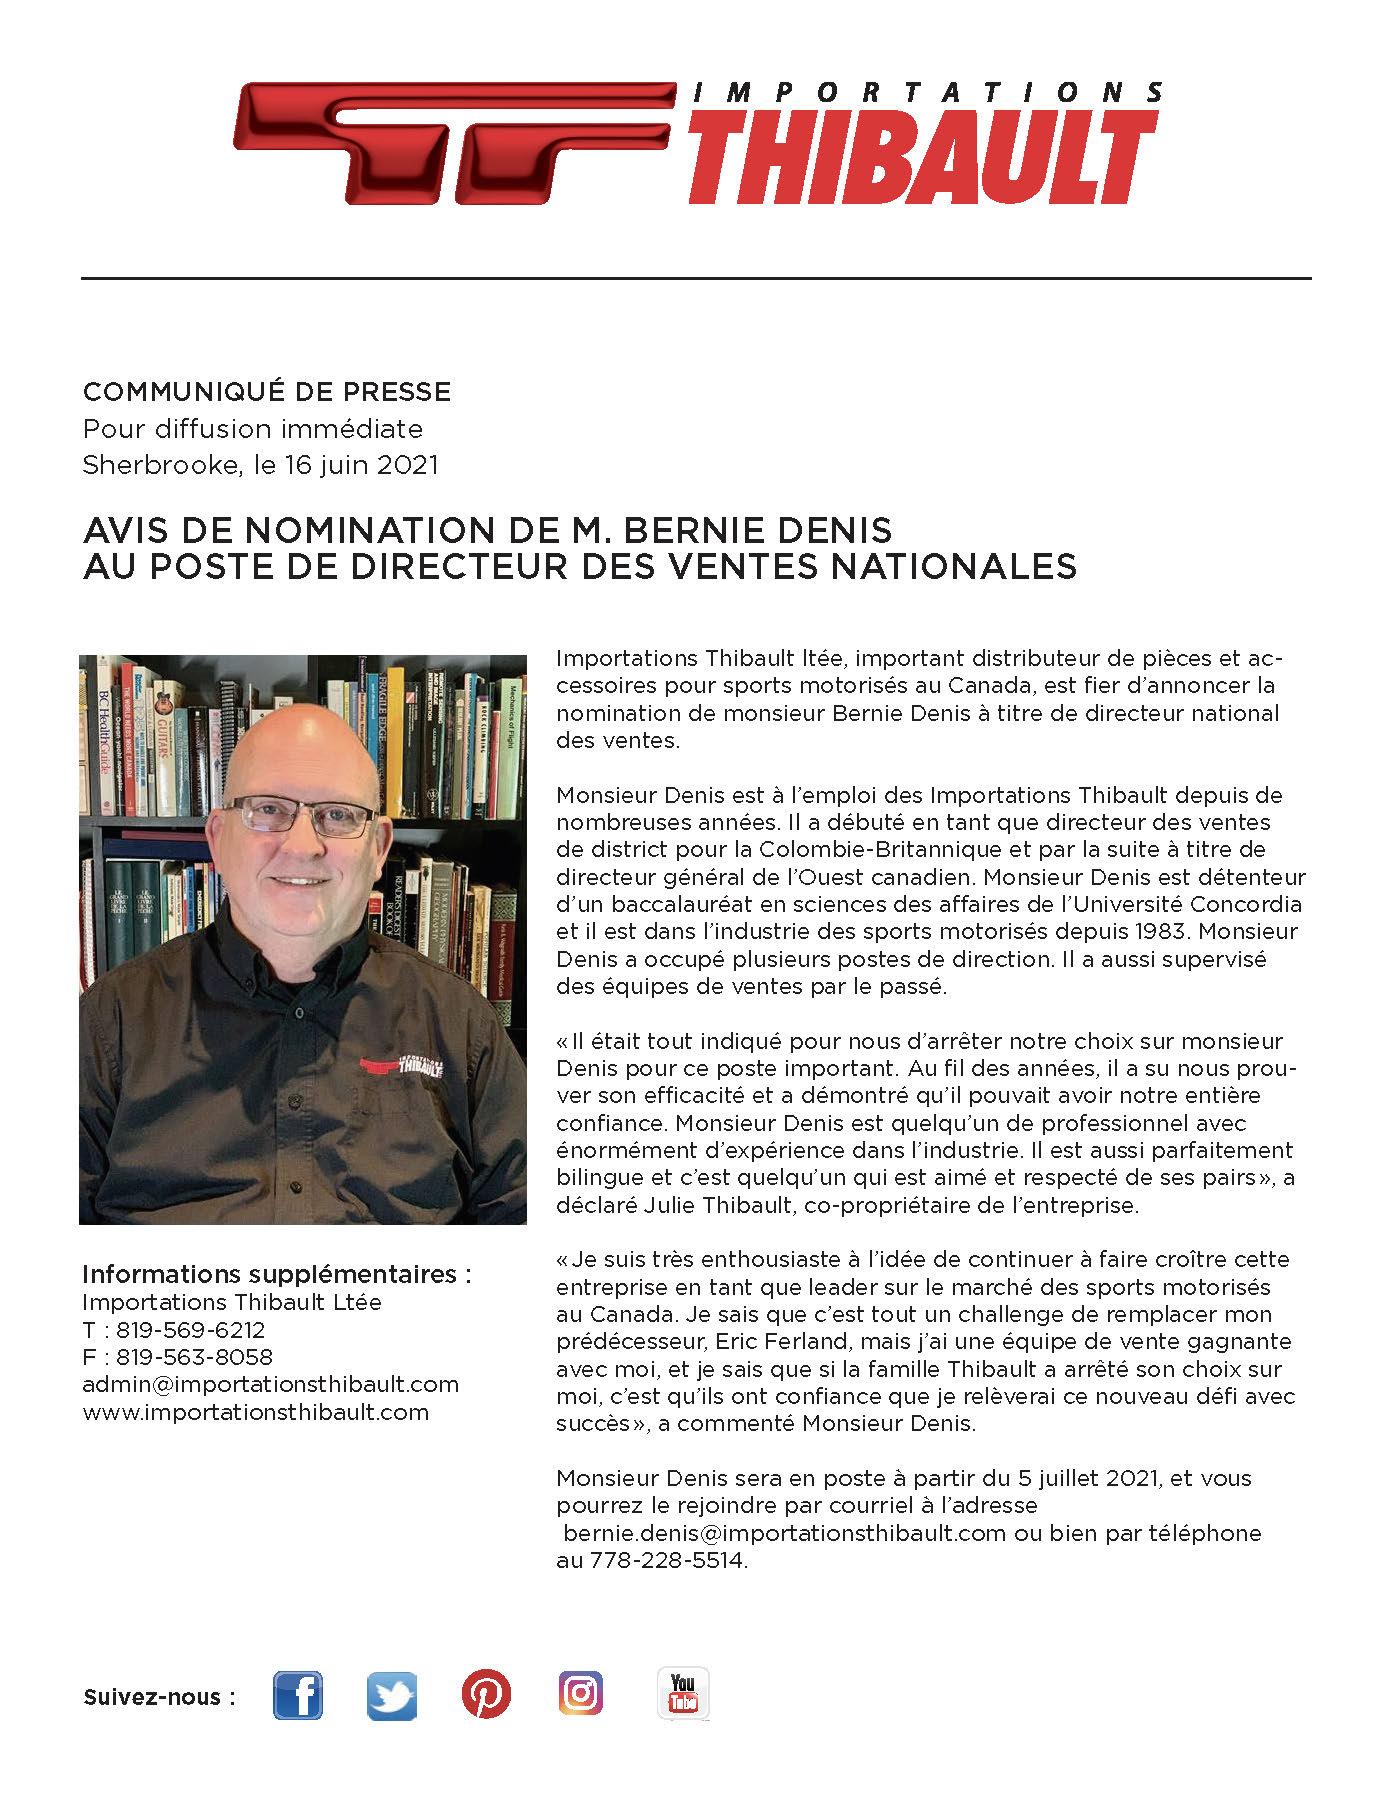 AVIS DE NOMINATION DE M. BERNIE DENIS AU POSTE DE DIRECTEUR DES VENTES NATIONALES